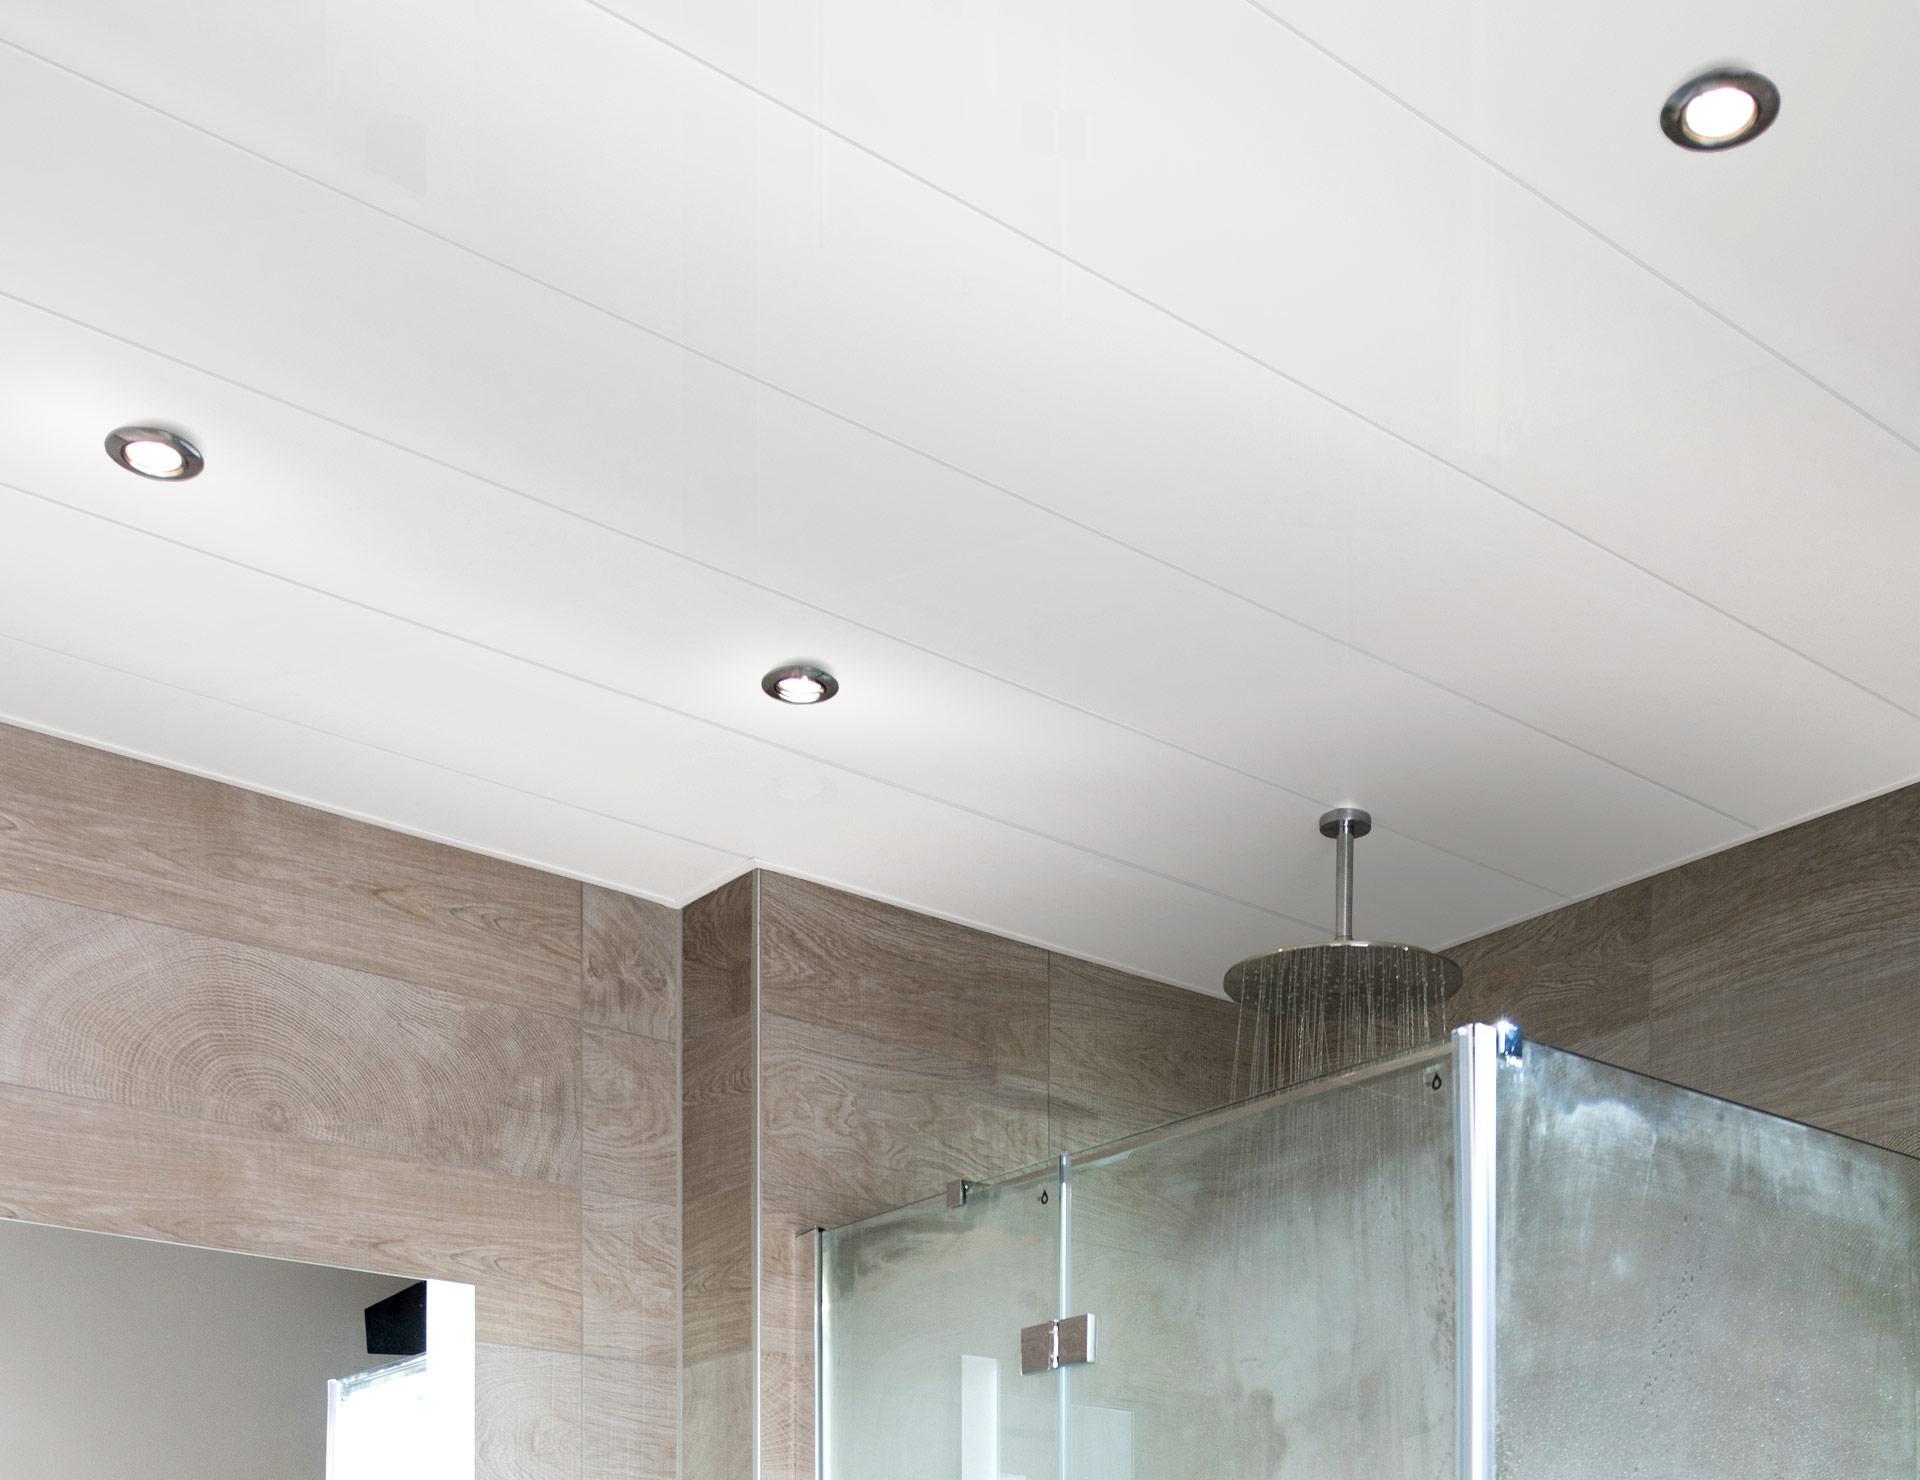 Kunststof Plafond Badkamer : Badkamer plafond luxalon inbouwspot keuken keuken inbouwspots led